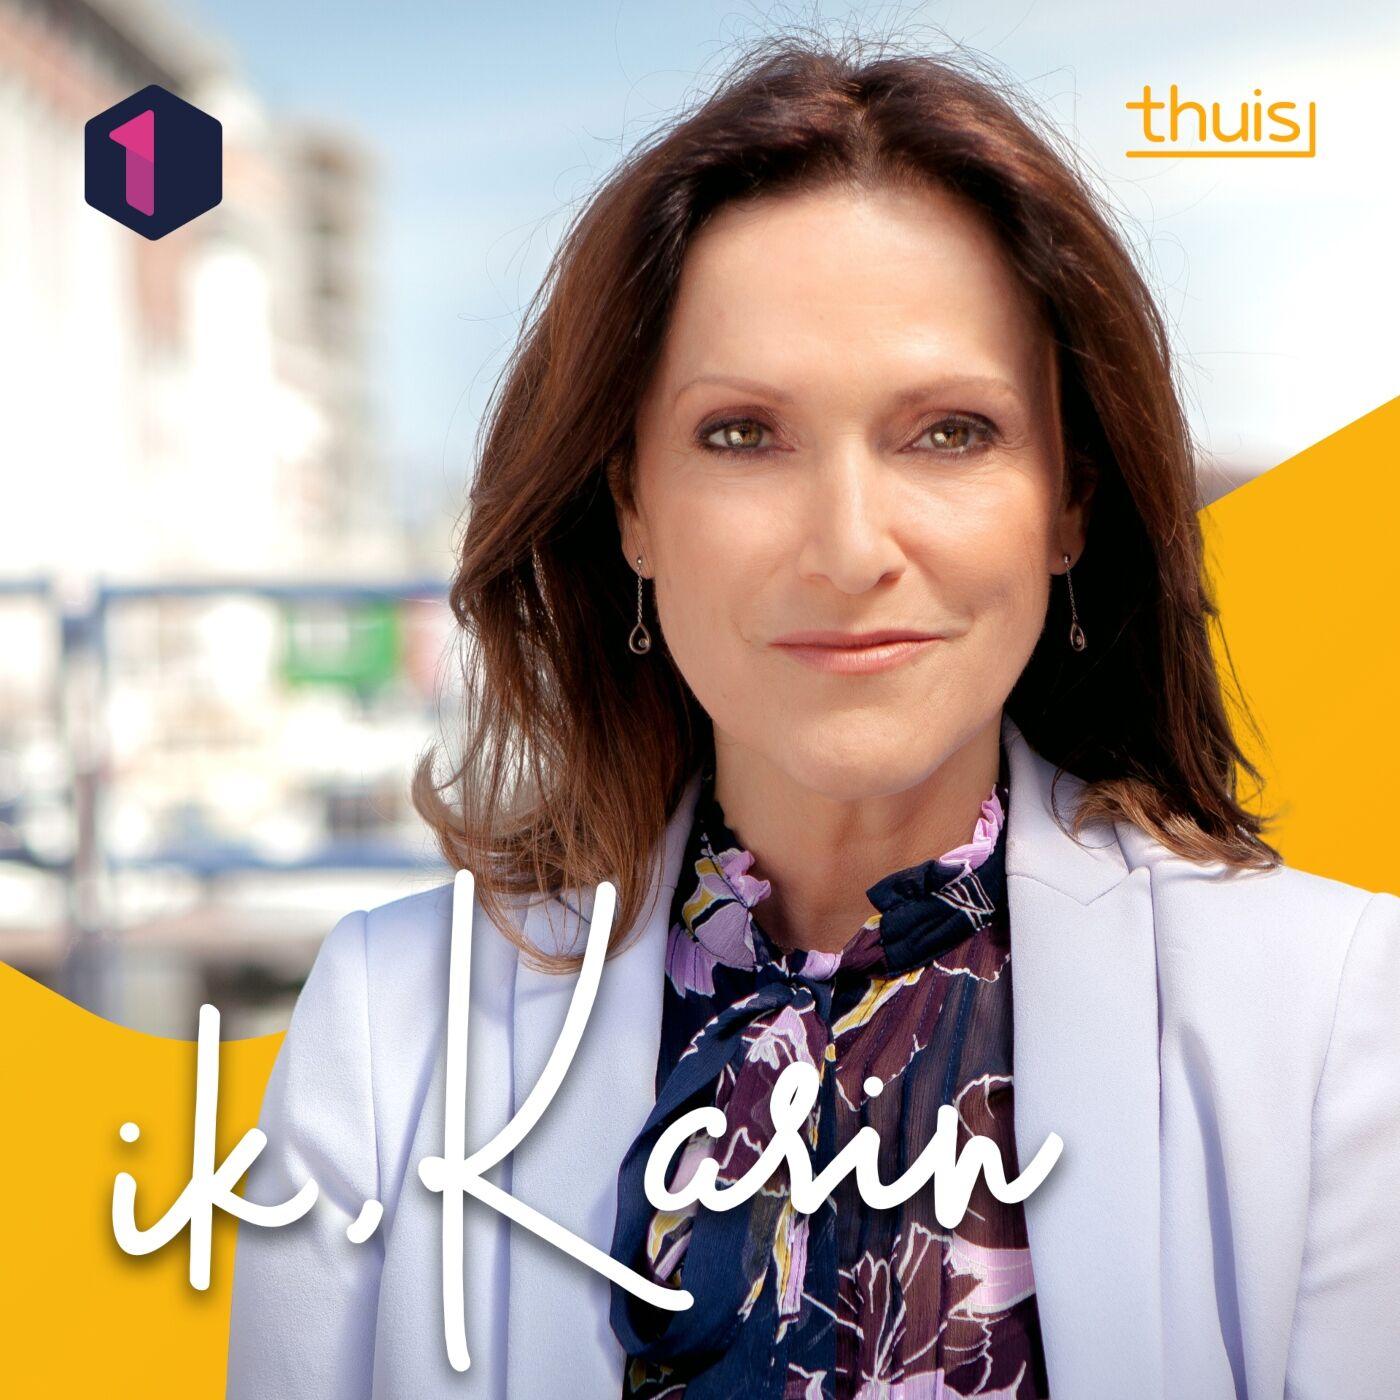 Ik, Karin logo